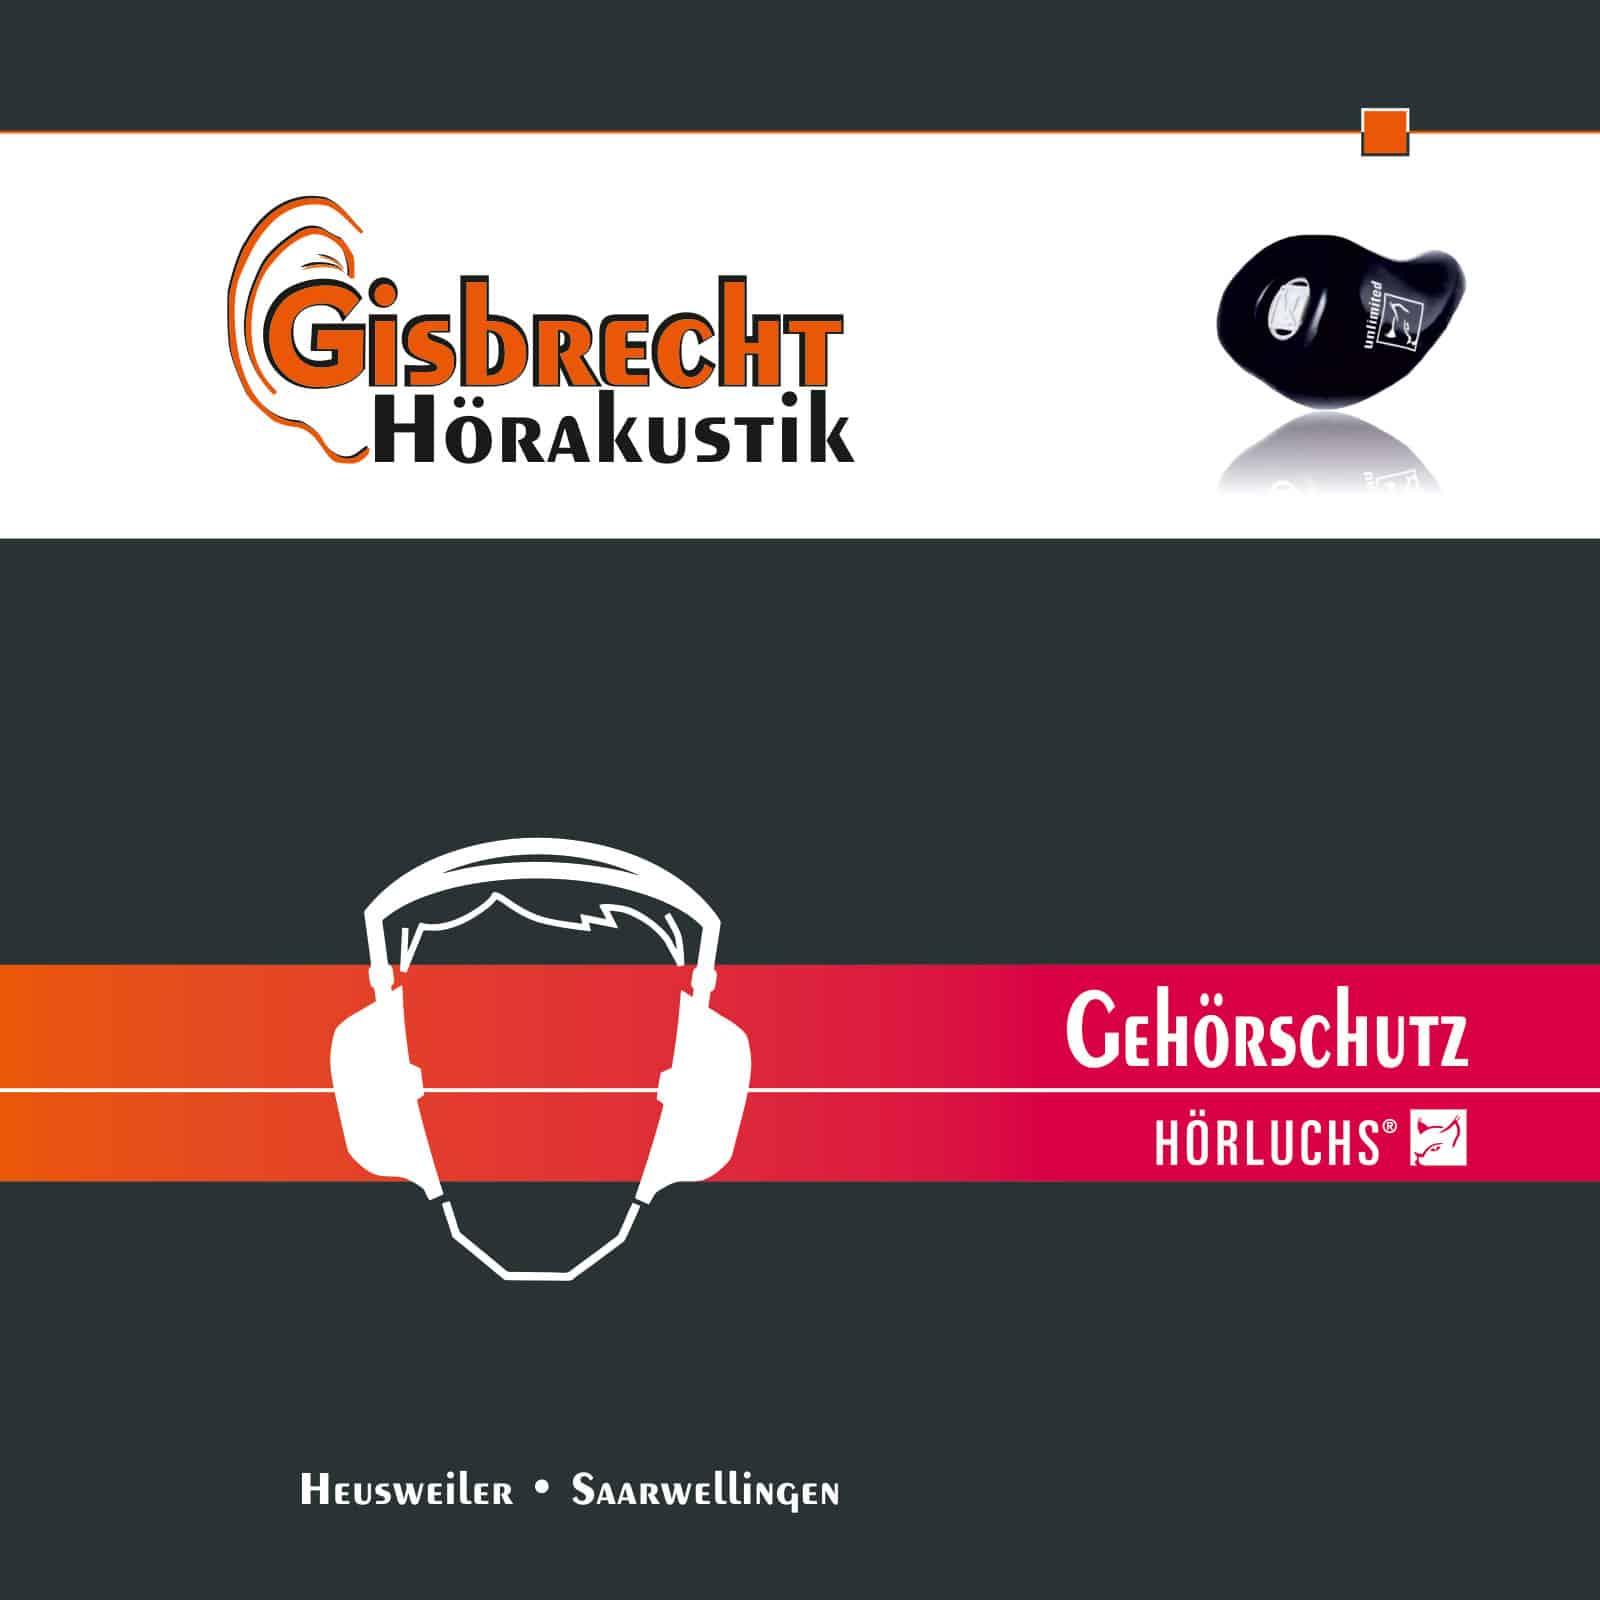 Gehörschutzbroschüre - Gisbrecht Hörakustik Saarland